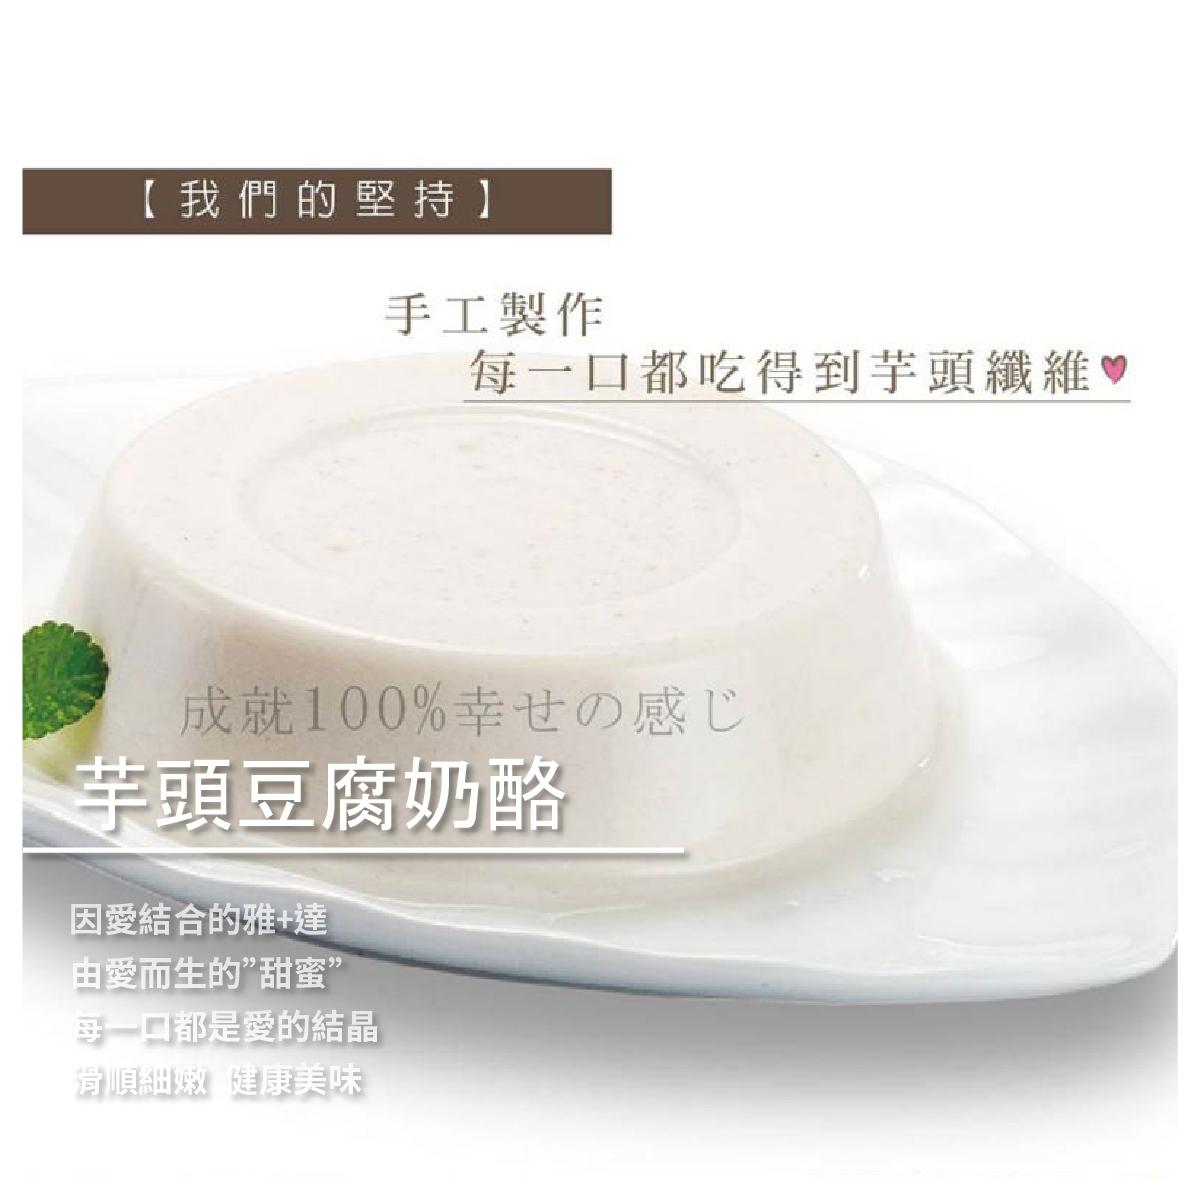 【雅+達奶酪布丁】渼物獨家優惠價 / 芋頭豆腐奶酪/6入